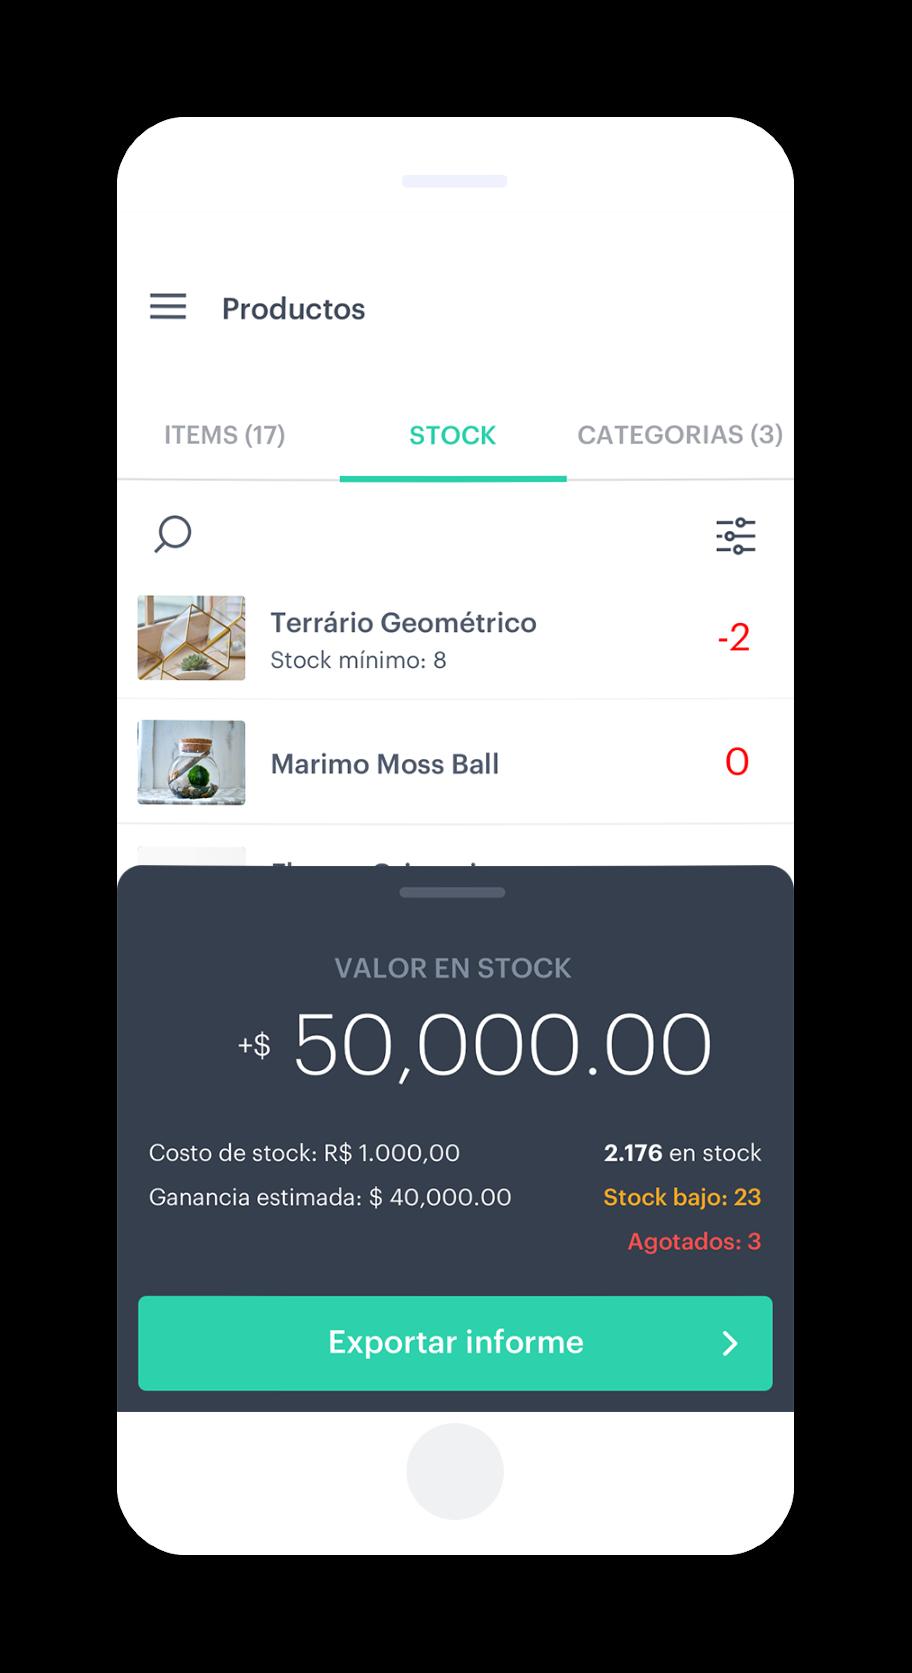 gestión de stock, clientes y ventas